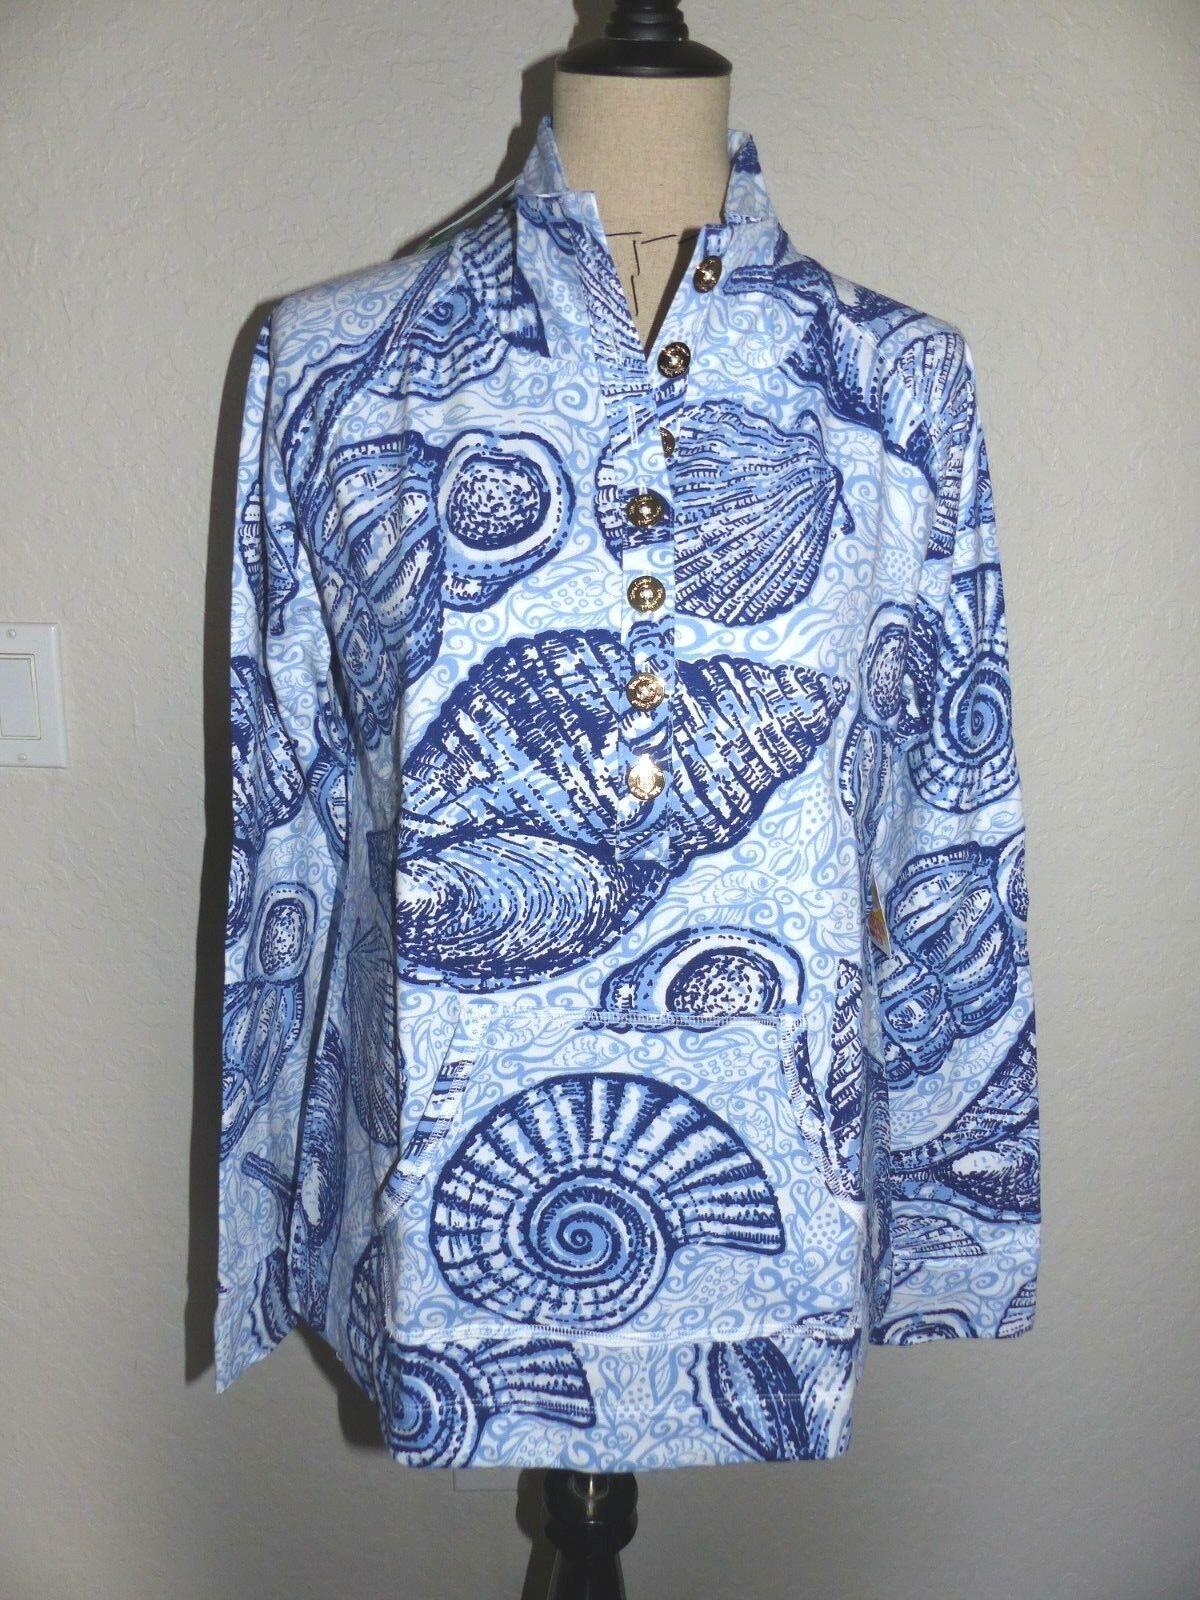 Parte  súperior suéter LILLY PULITZER capitán popover del Peluche conchas Tamaño X Pequeño nuevos con etiquetas  ofrecemos varias marcas famosas